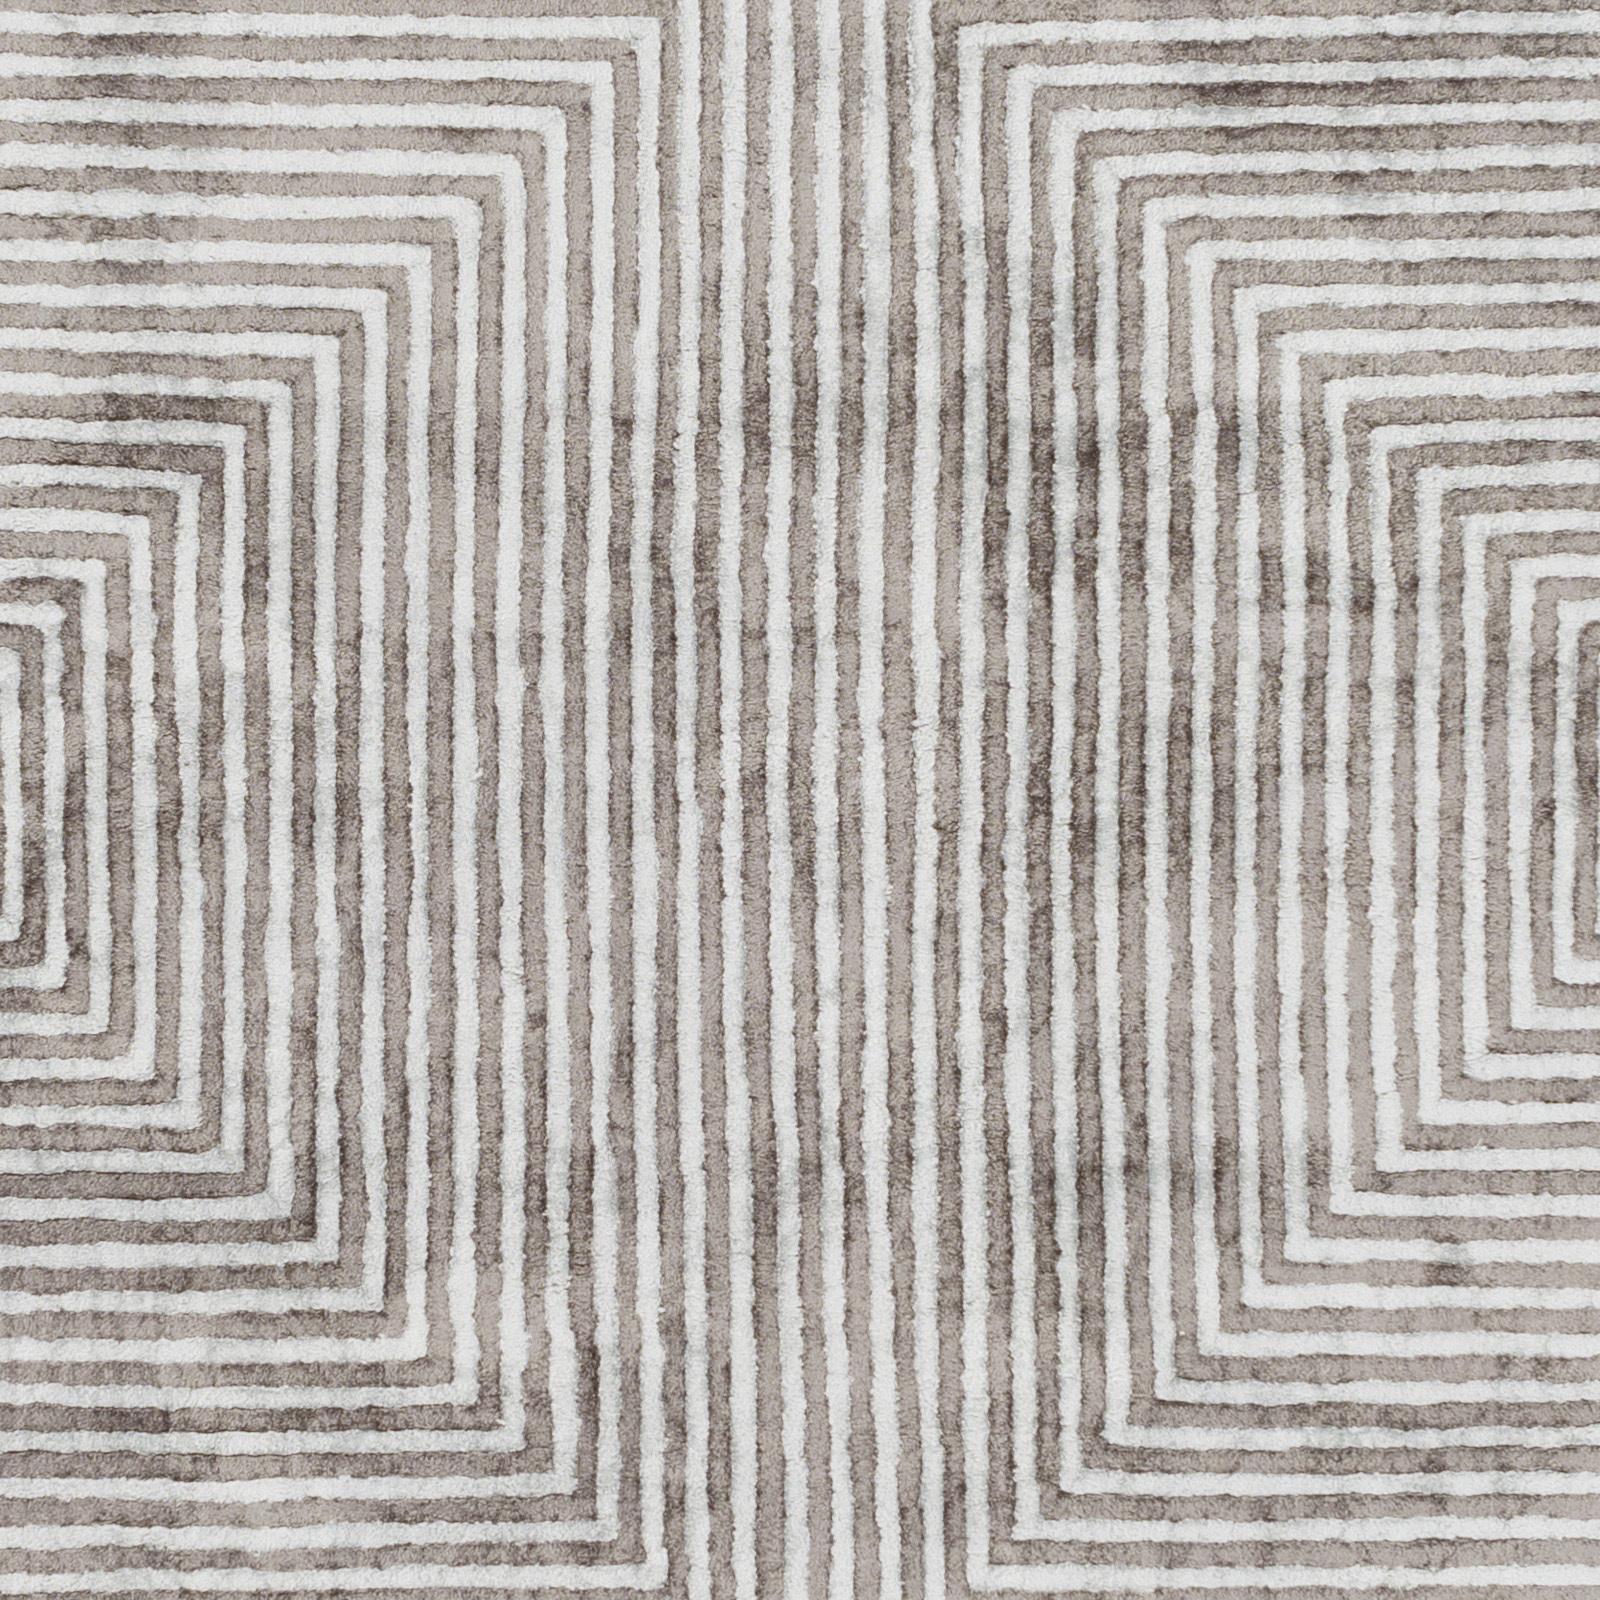 Quartz 8x10' Area Rug